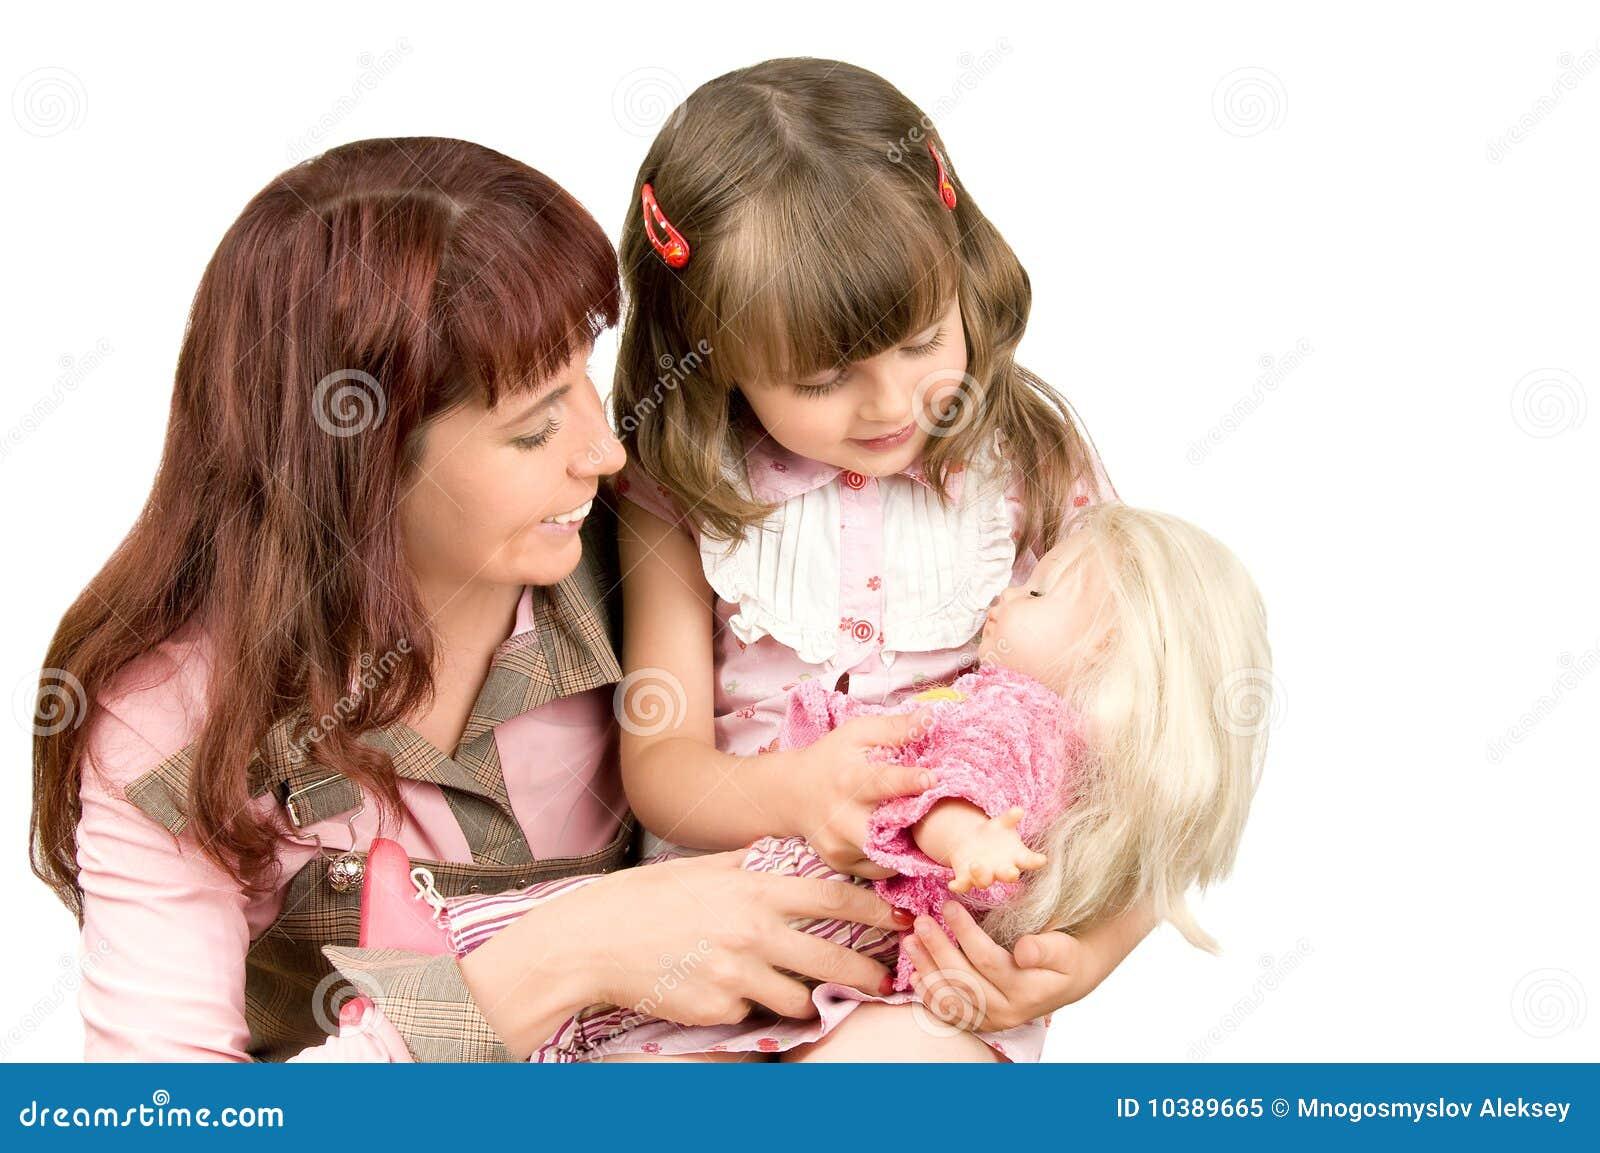 Развлечении матери с дочерью 4 фотография